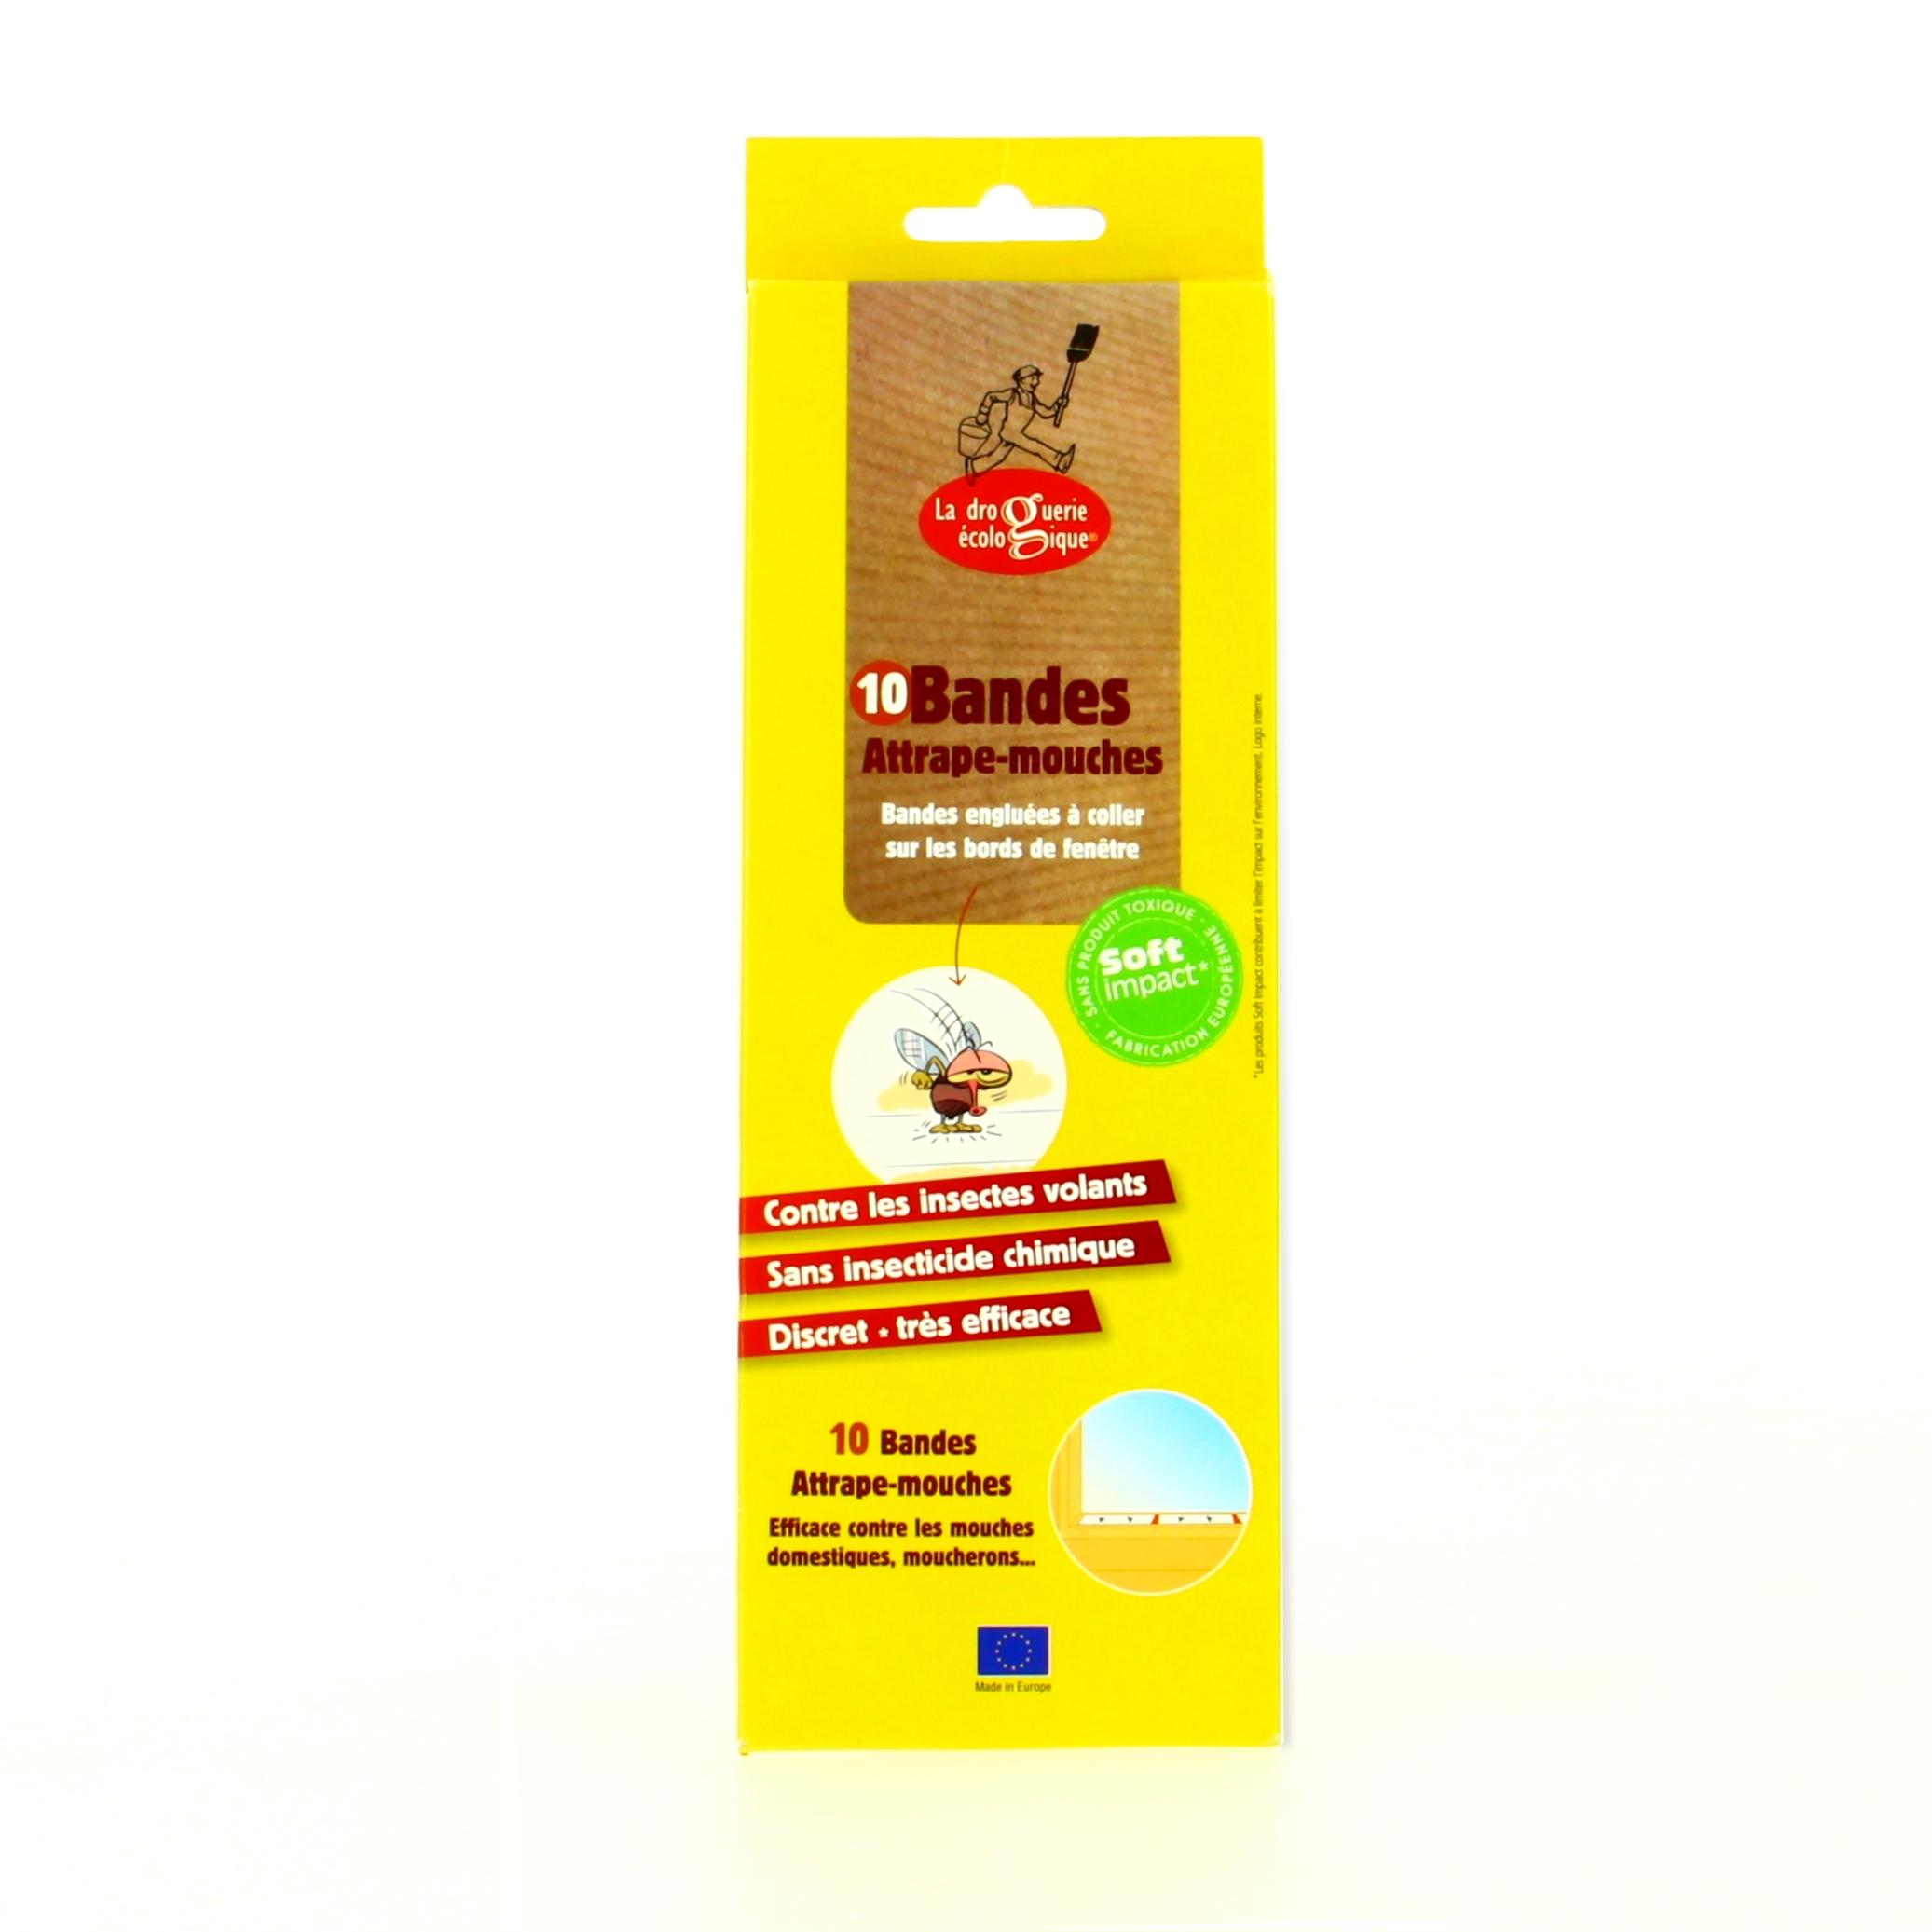 Liminer mouches maison comment tuer les mouches comment - Produit anti mouche maison ...